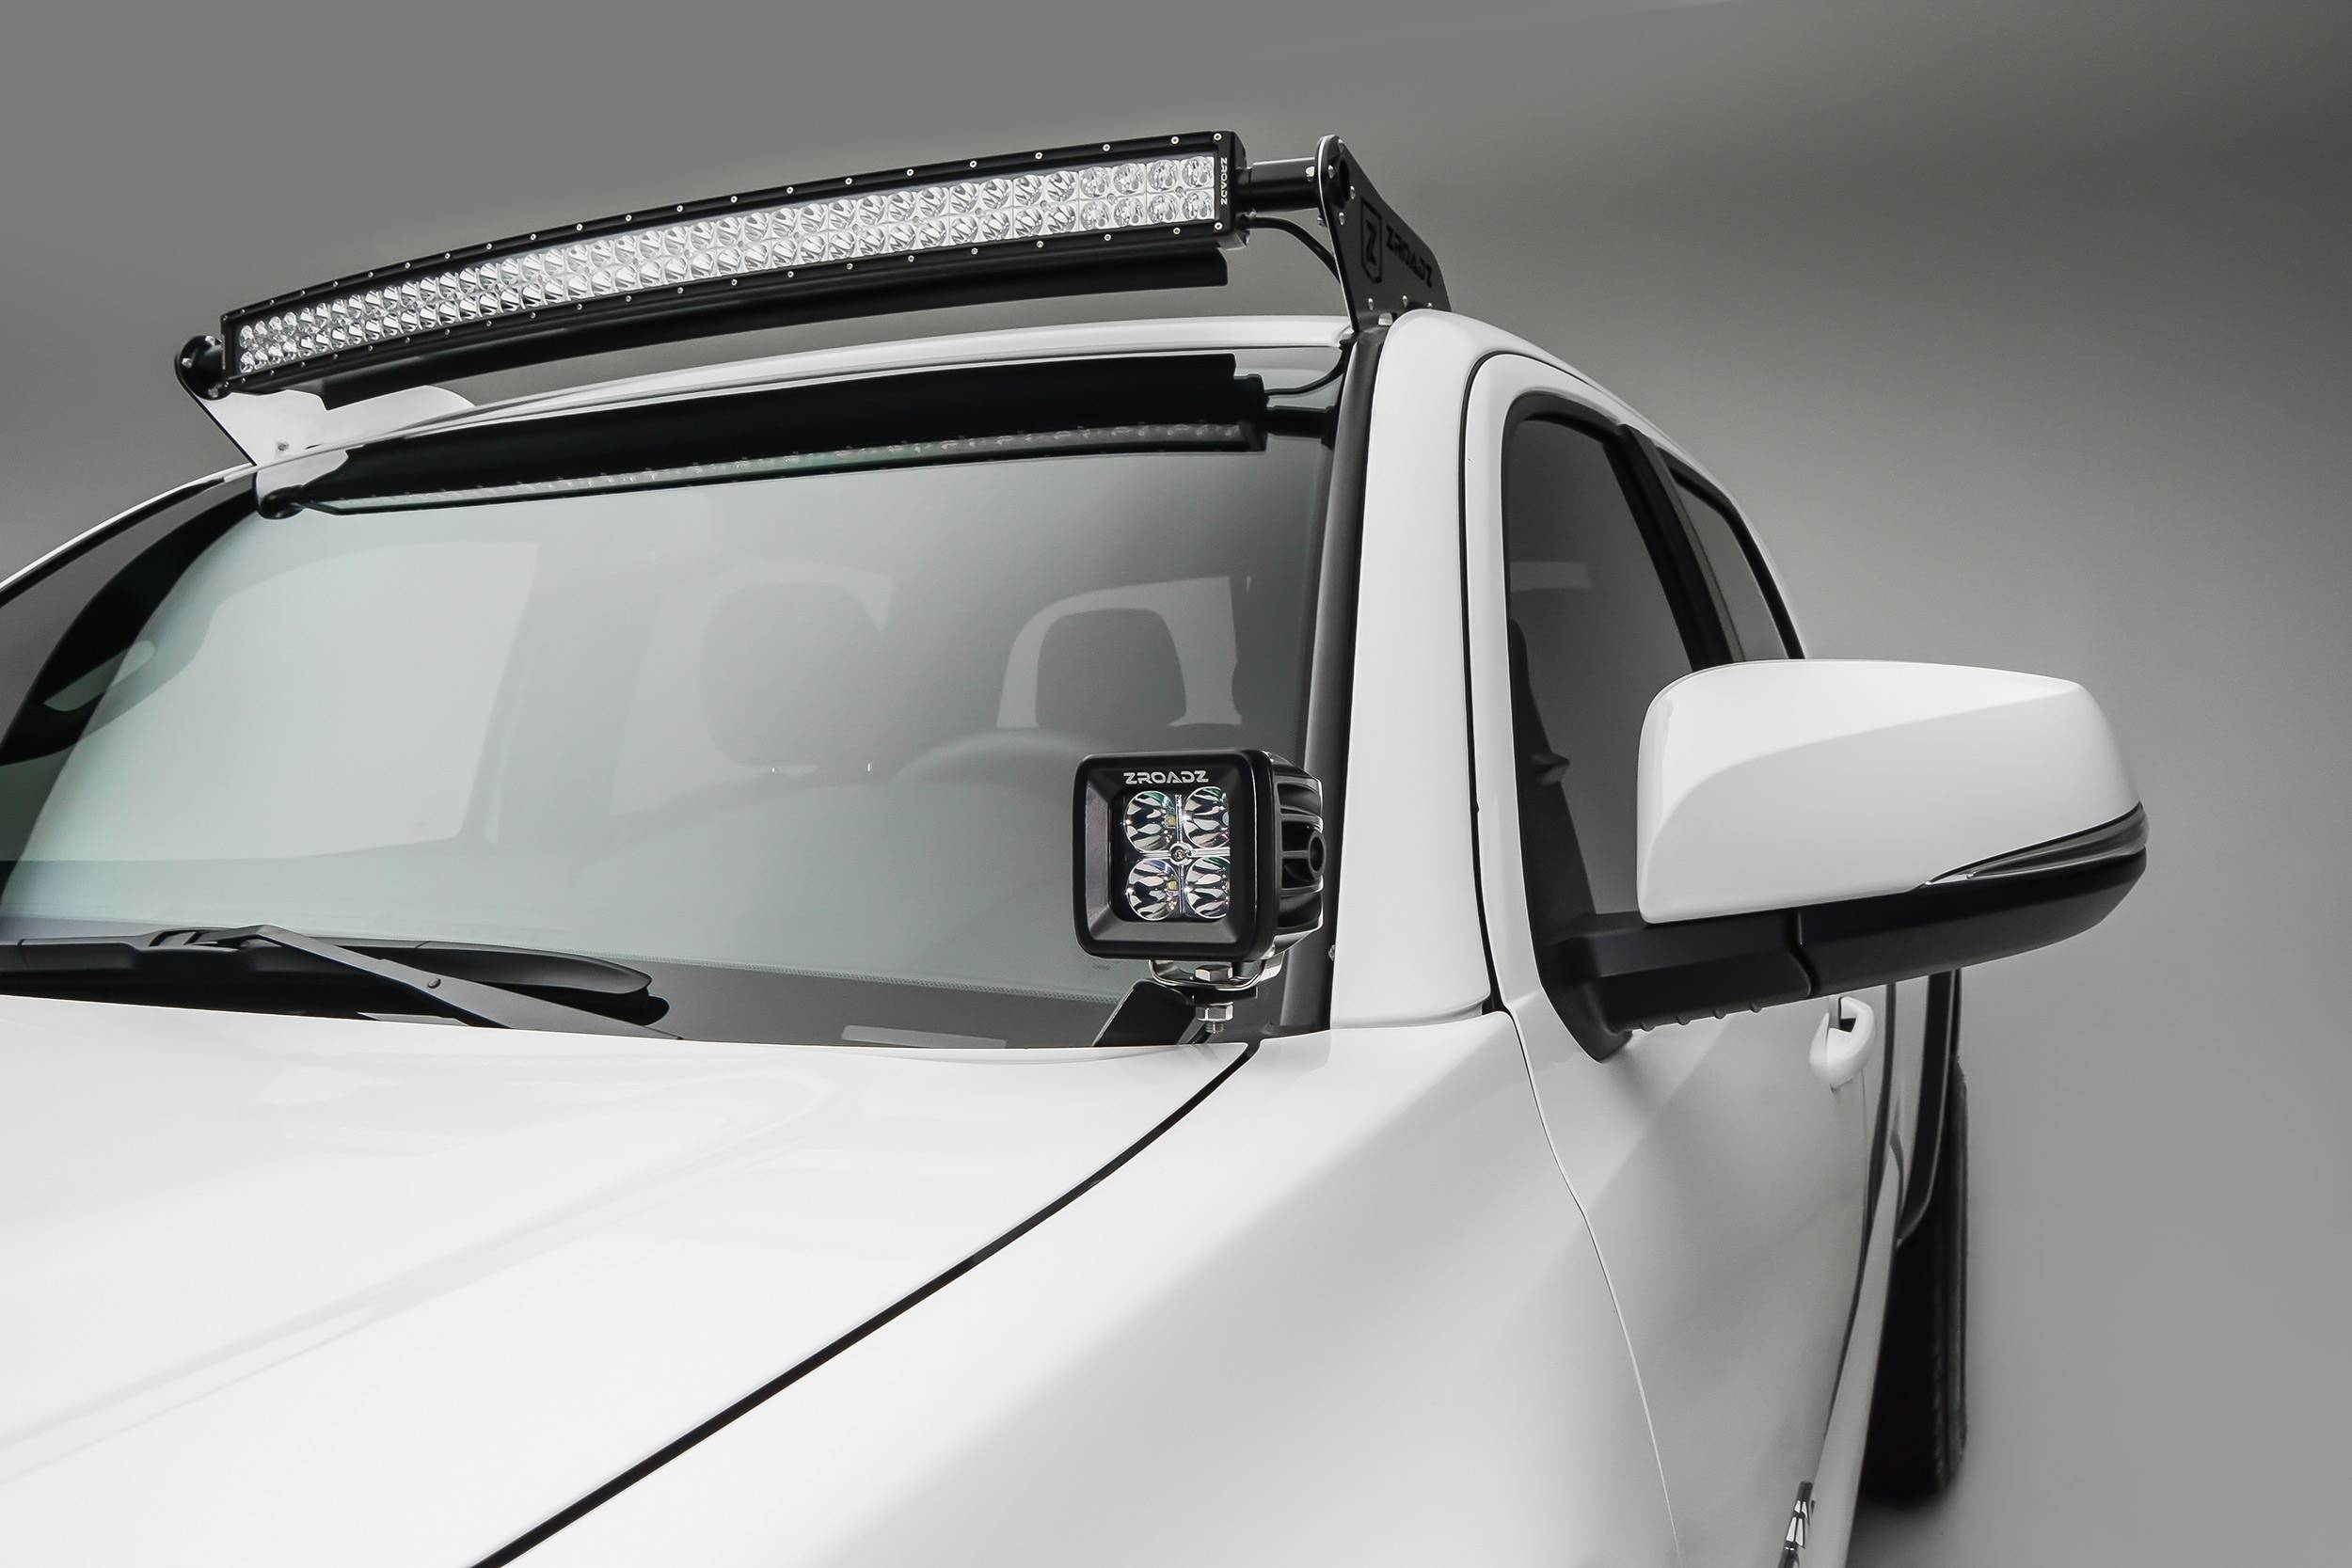 2016-2019 Toyota Tacoma Hood Hinge LED Kit, Incl. (2) 3 Inch LED Pod Lights - PN #Z369401-KIT2